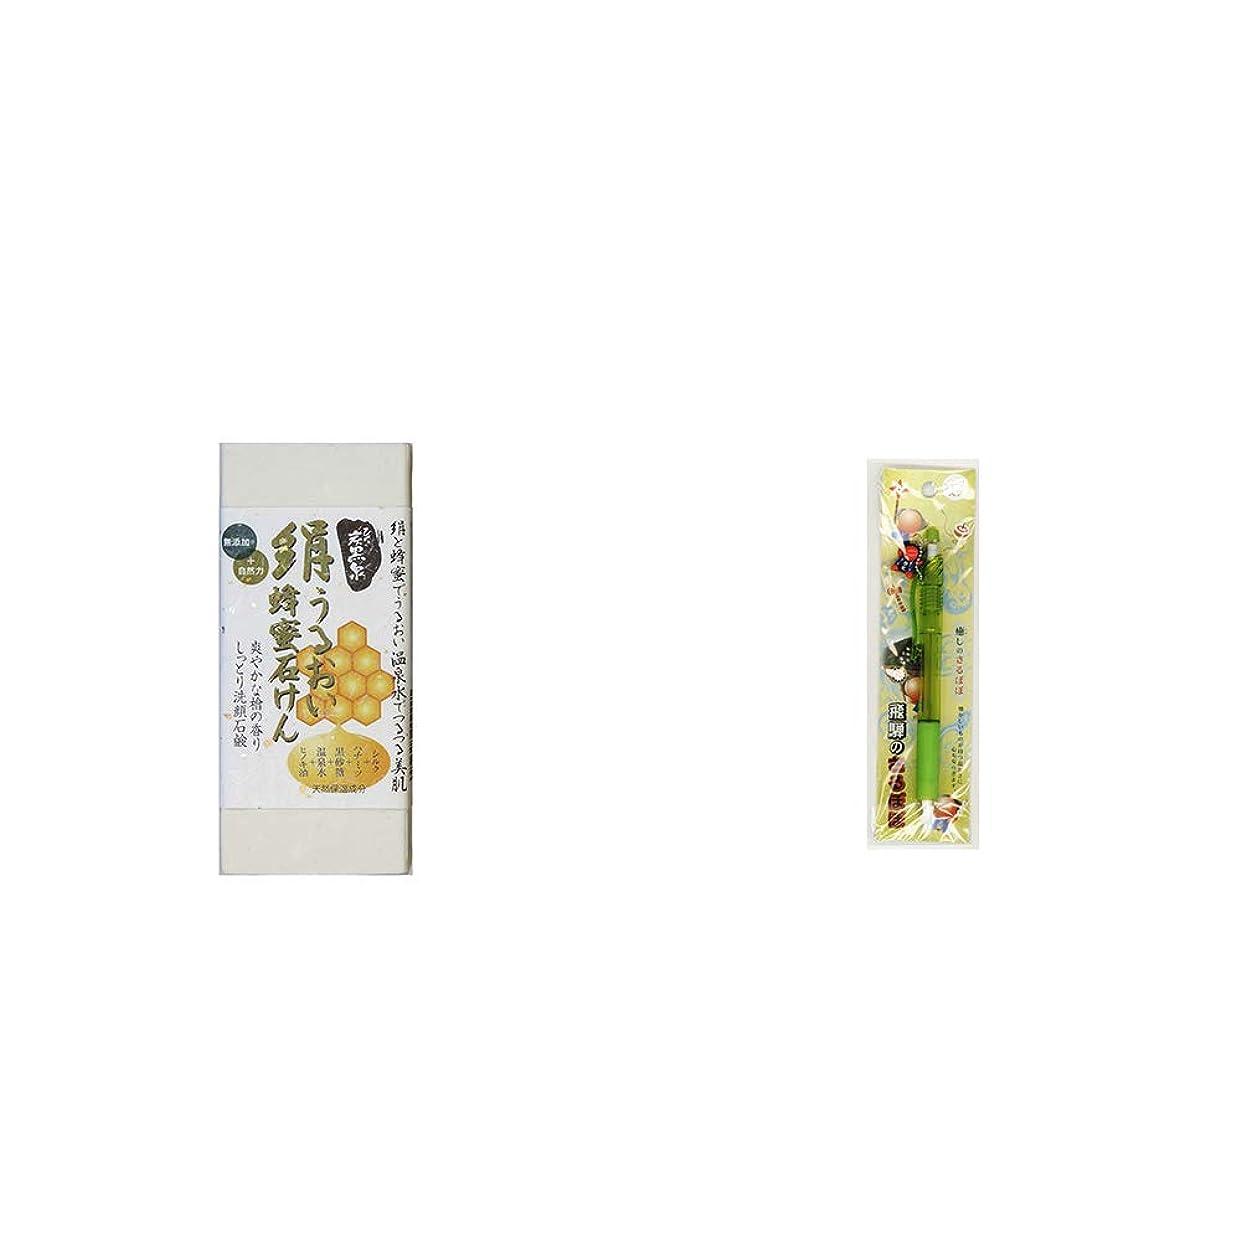 最後に否認する重なる[2点セット] ひのき炭黒泉 絹うるおい蜂蜜石けん(75g×2)?さるぼぼ 癒しシャープペン 【グリーン】